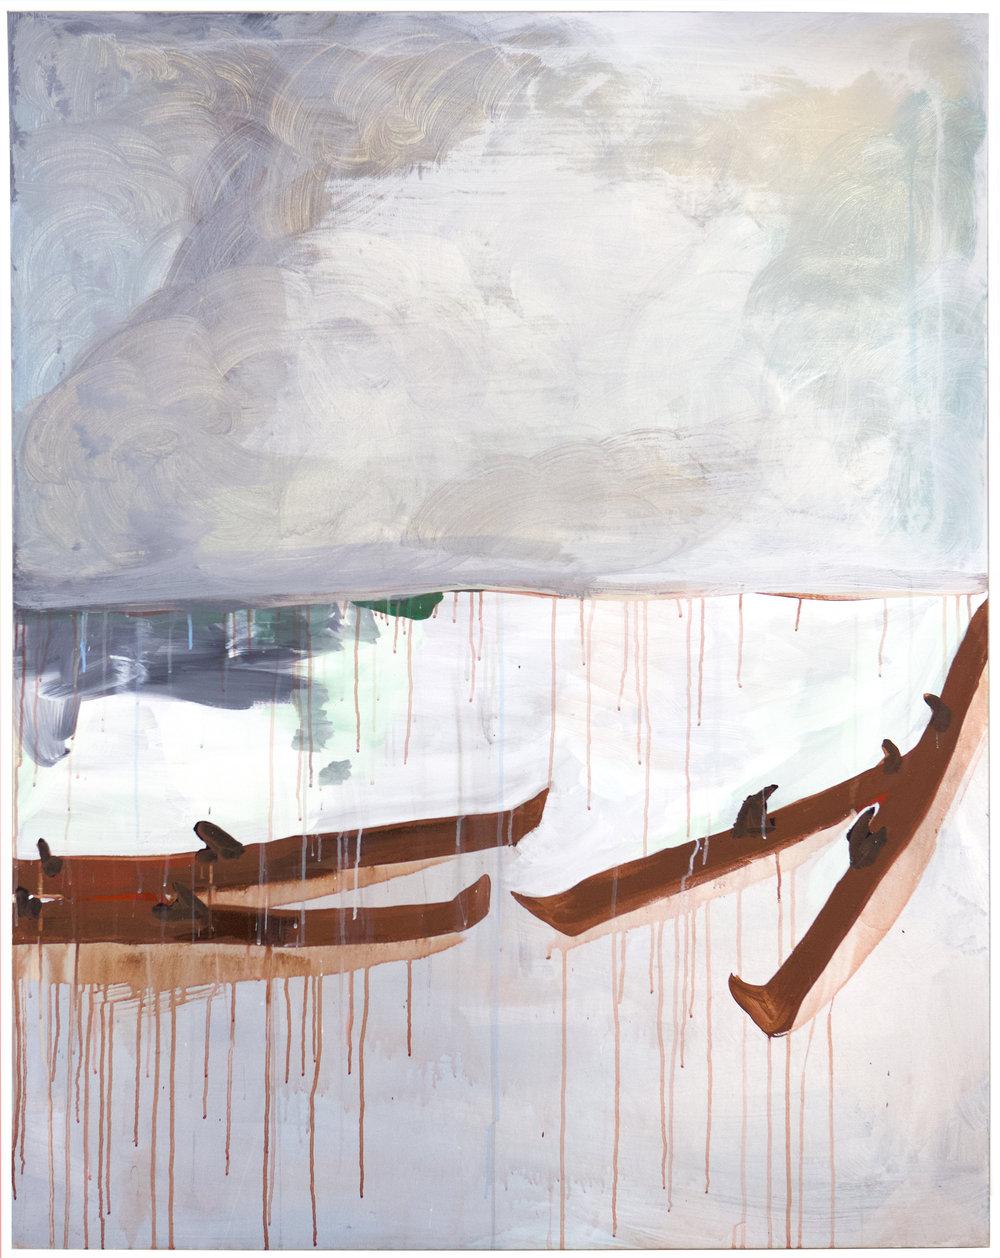 Sophie Lourdes Knight  Aprés Ski , 2018  acrylic on canvas 60h x 48w in